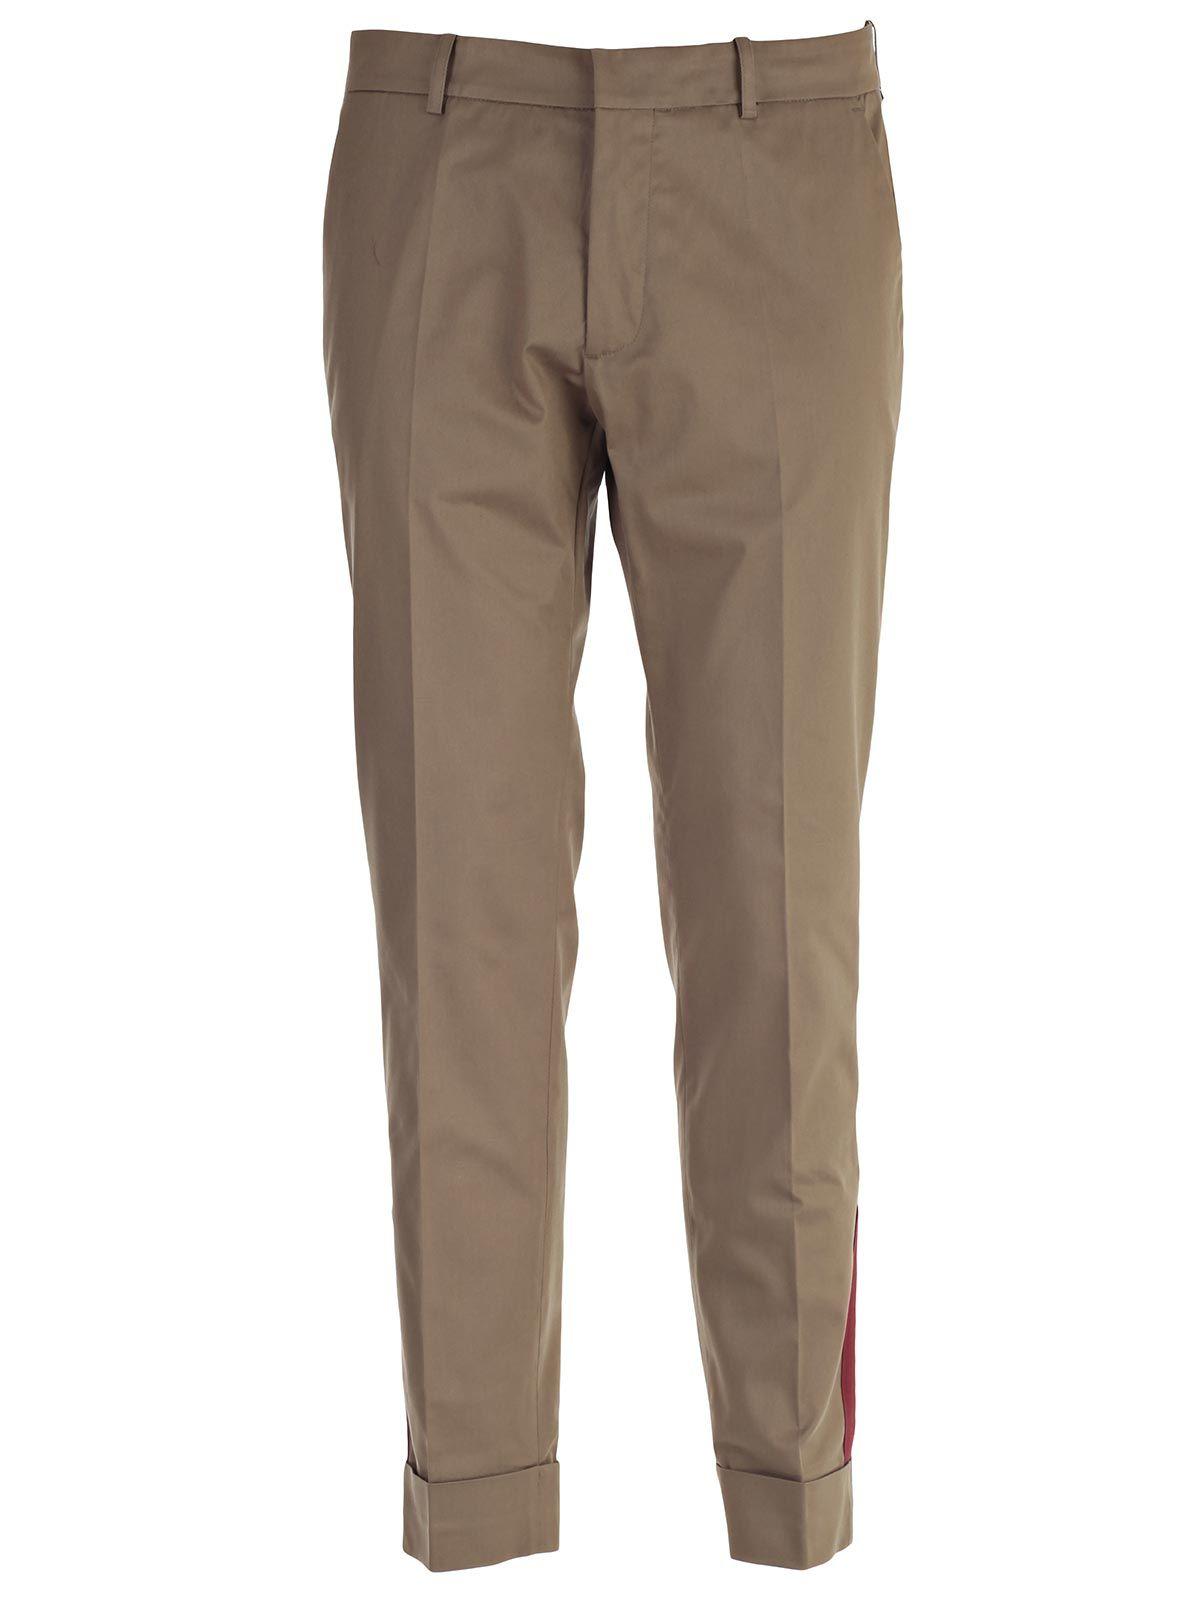 Antonio Marras Trousers